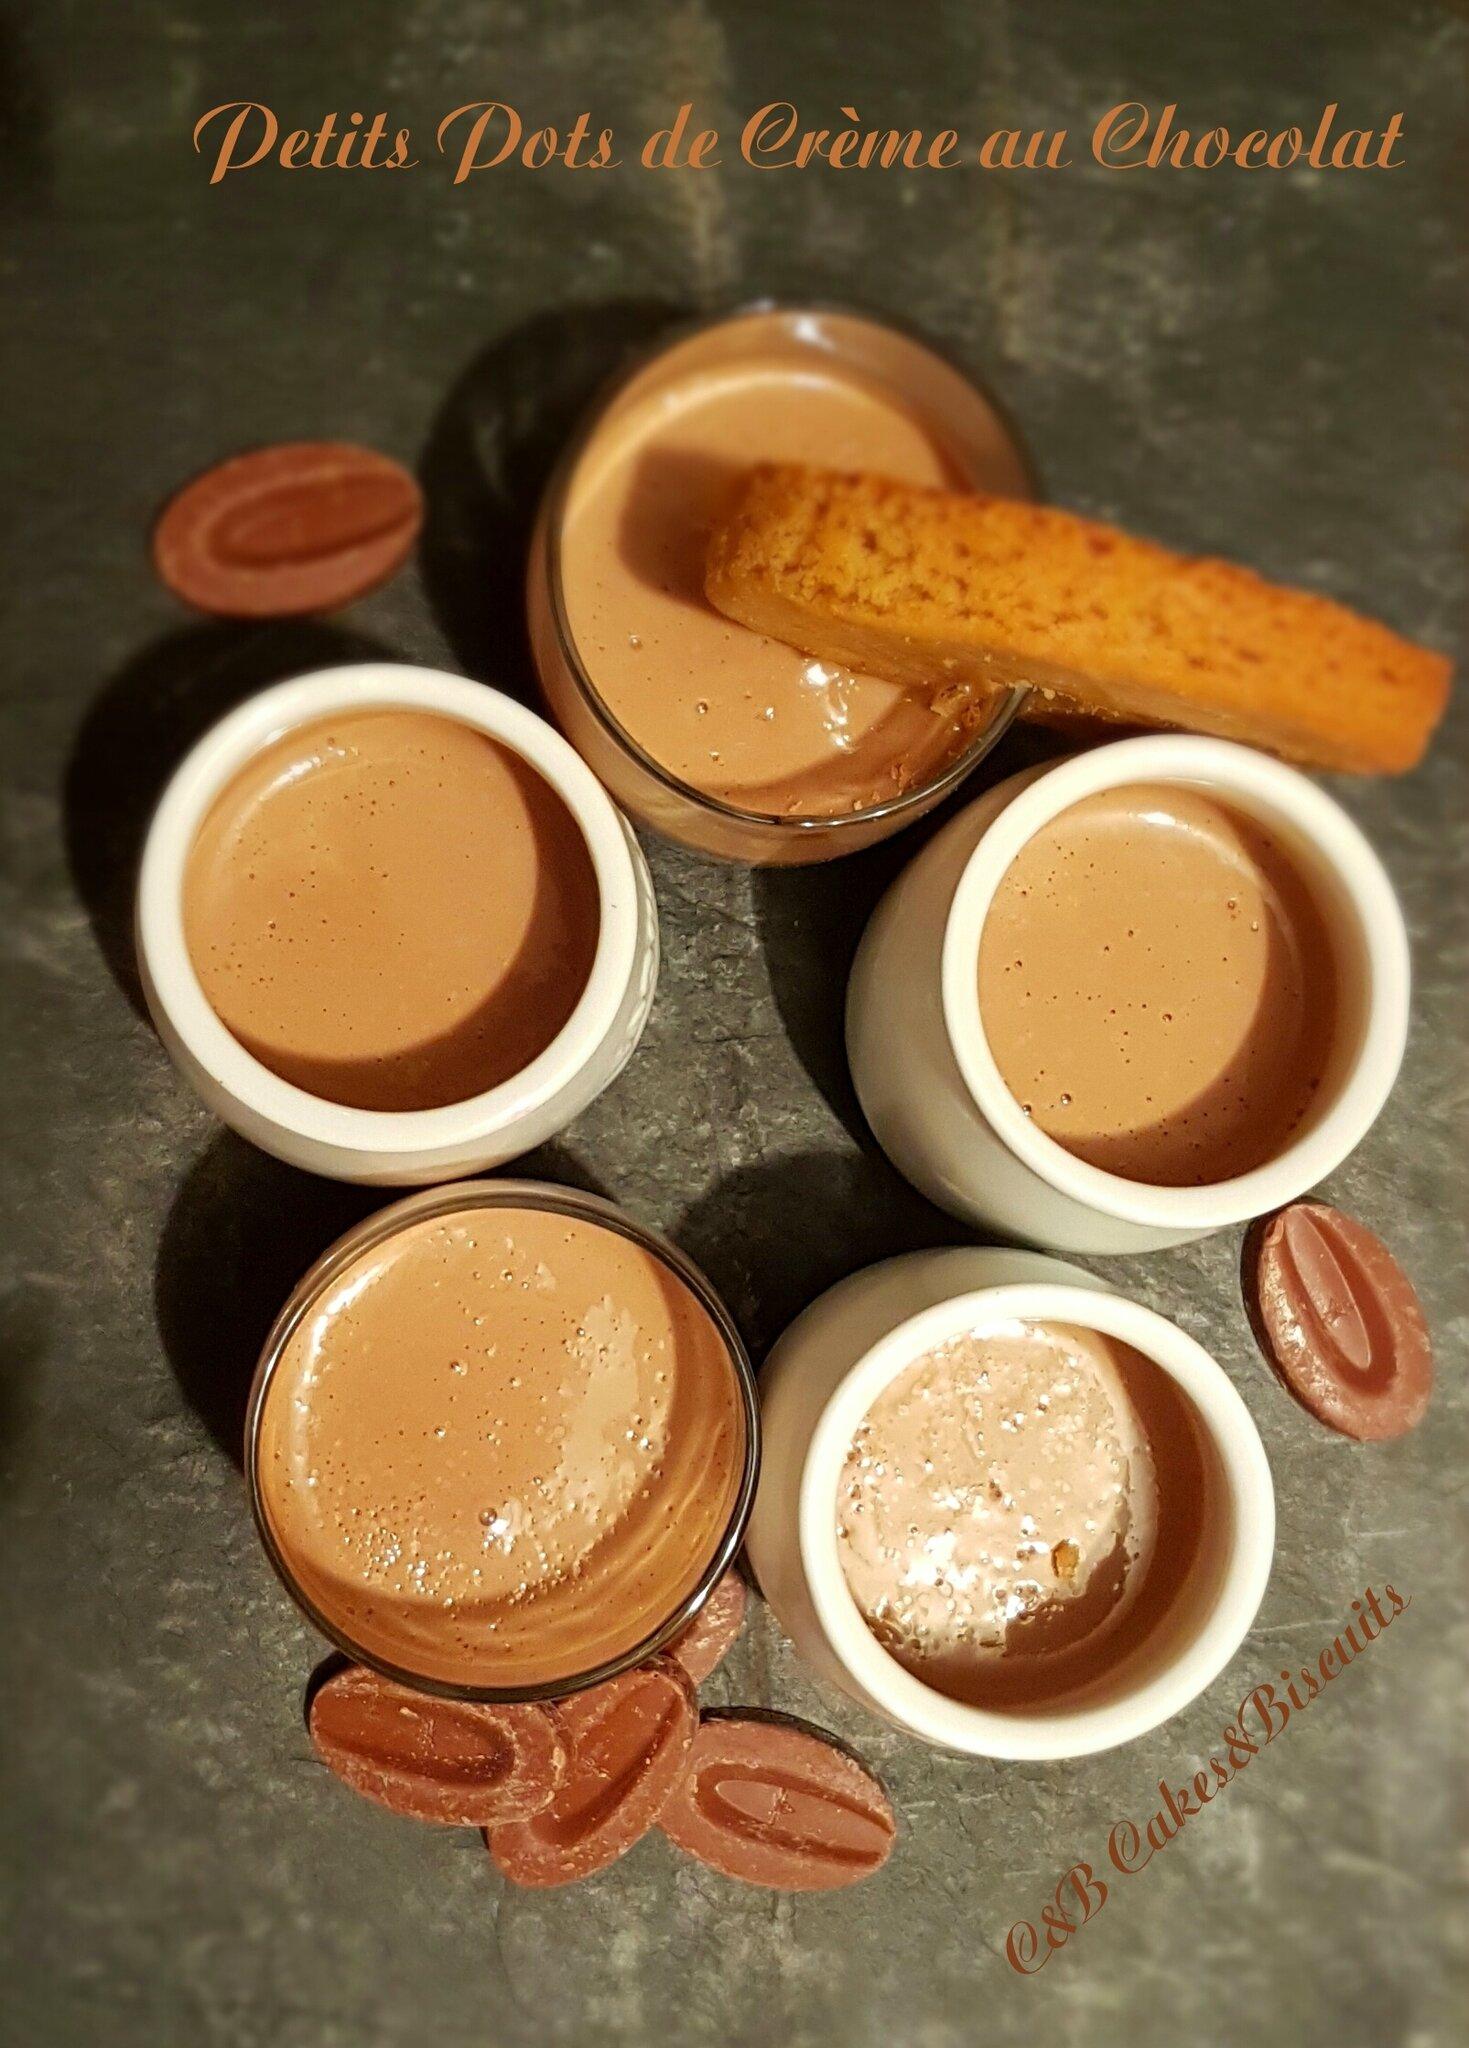 Les Petits Pots de Crème au Chocolat